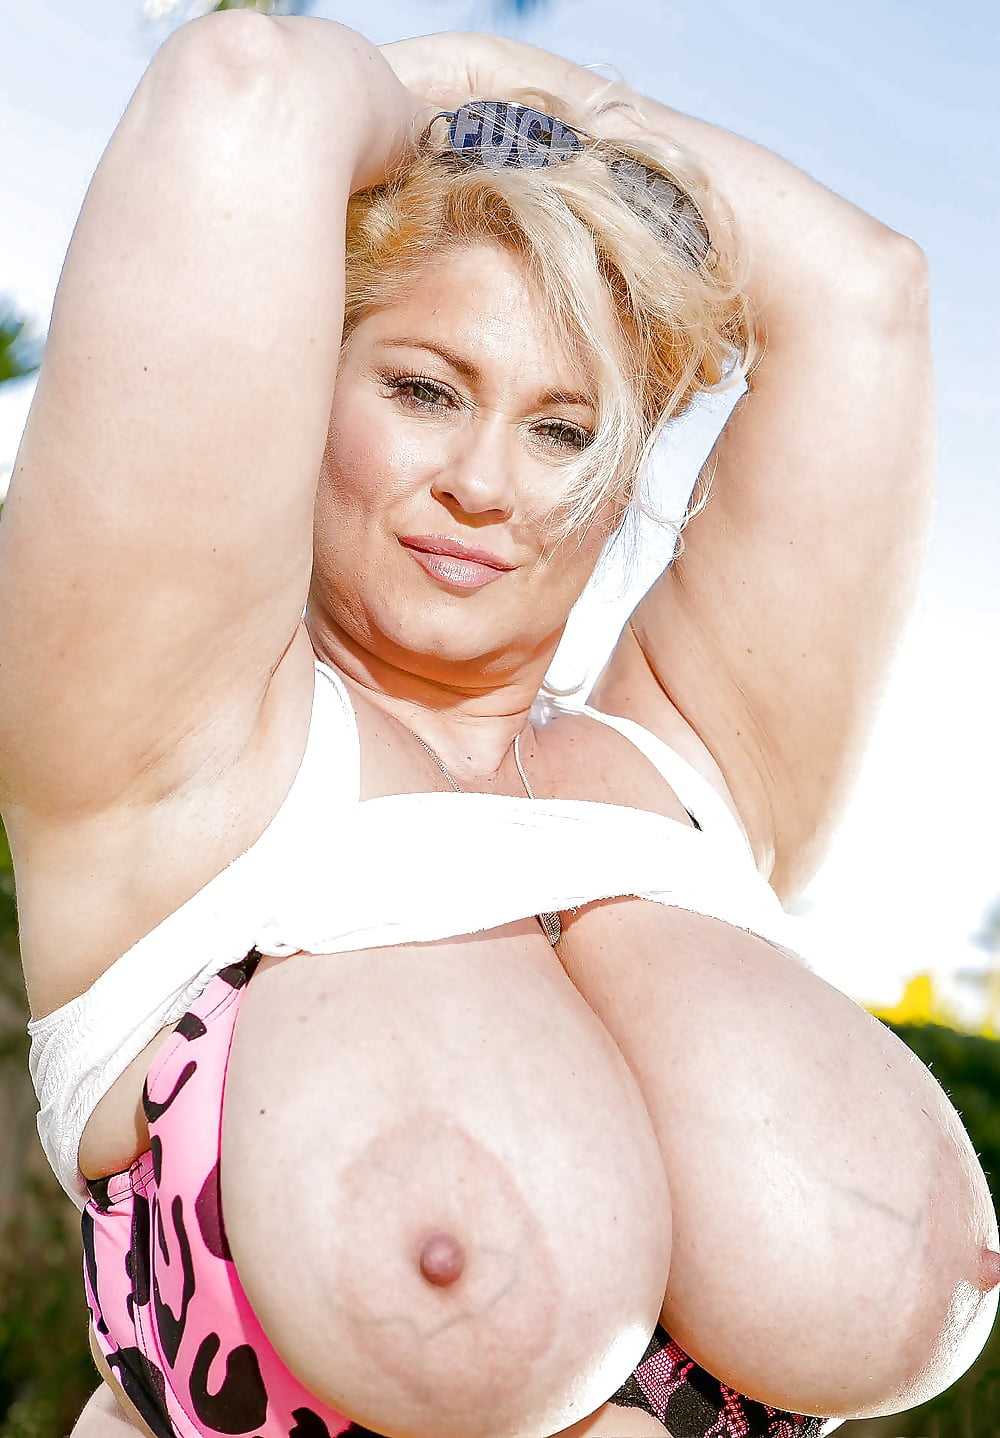 Sexy armpit actress